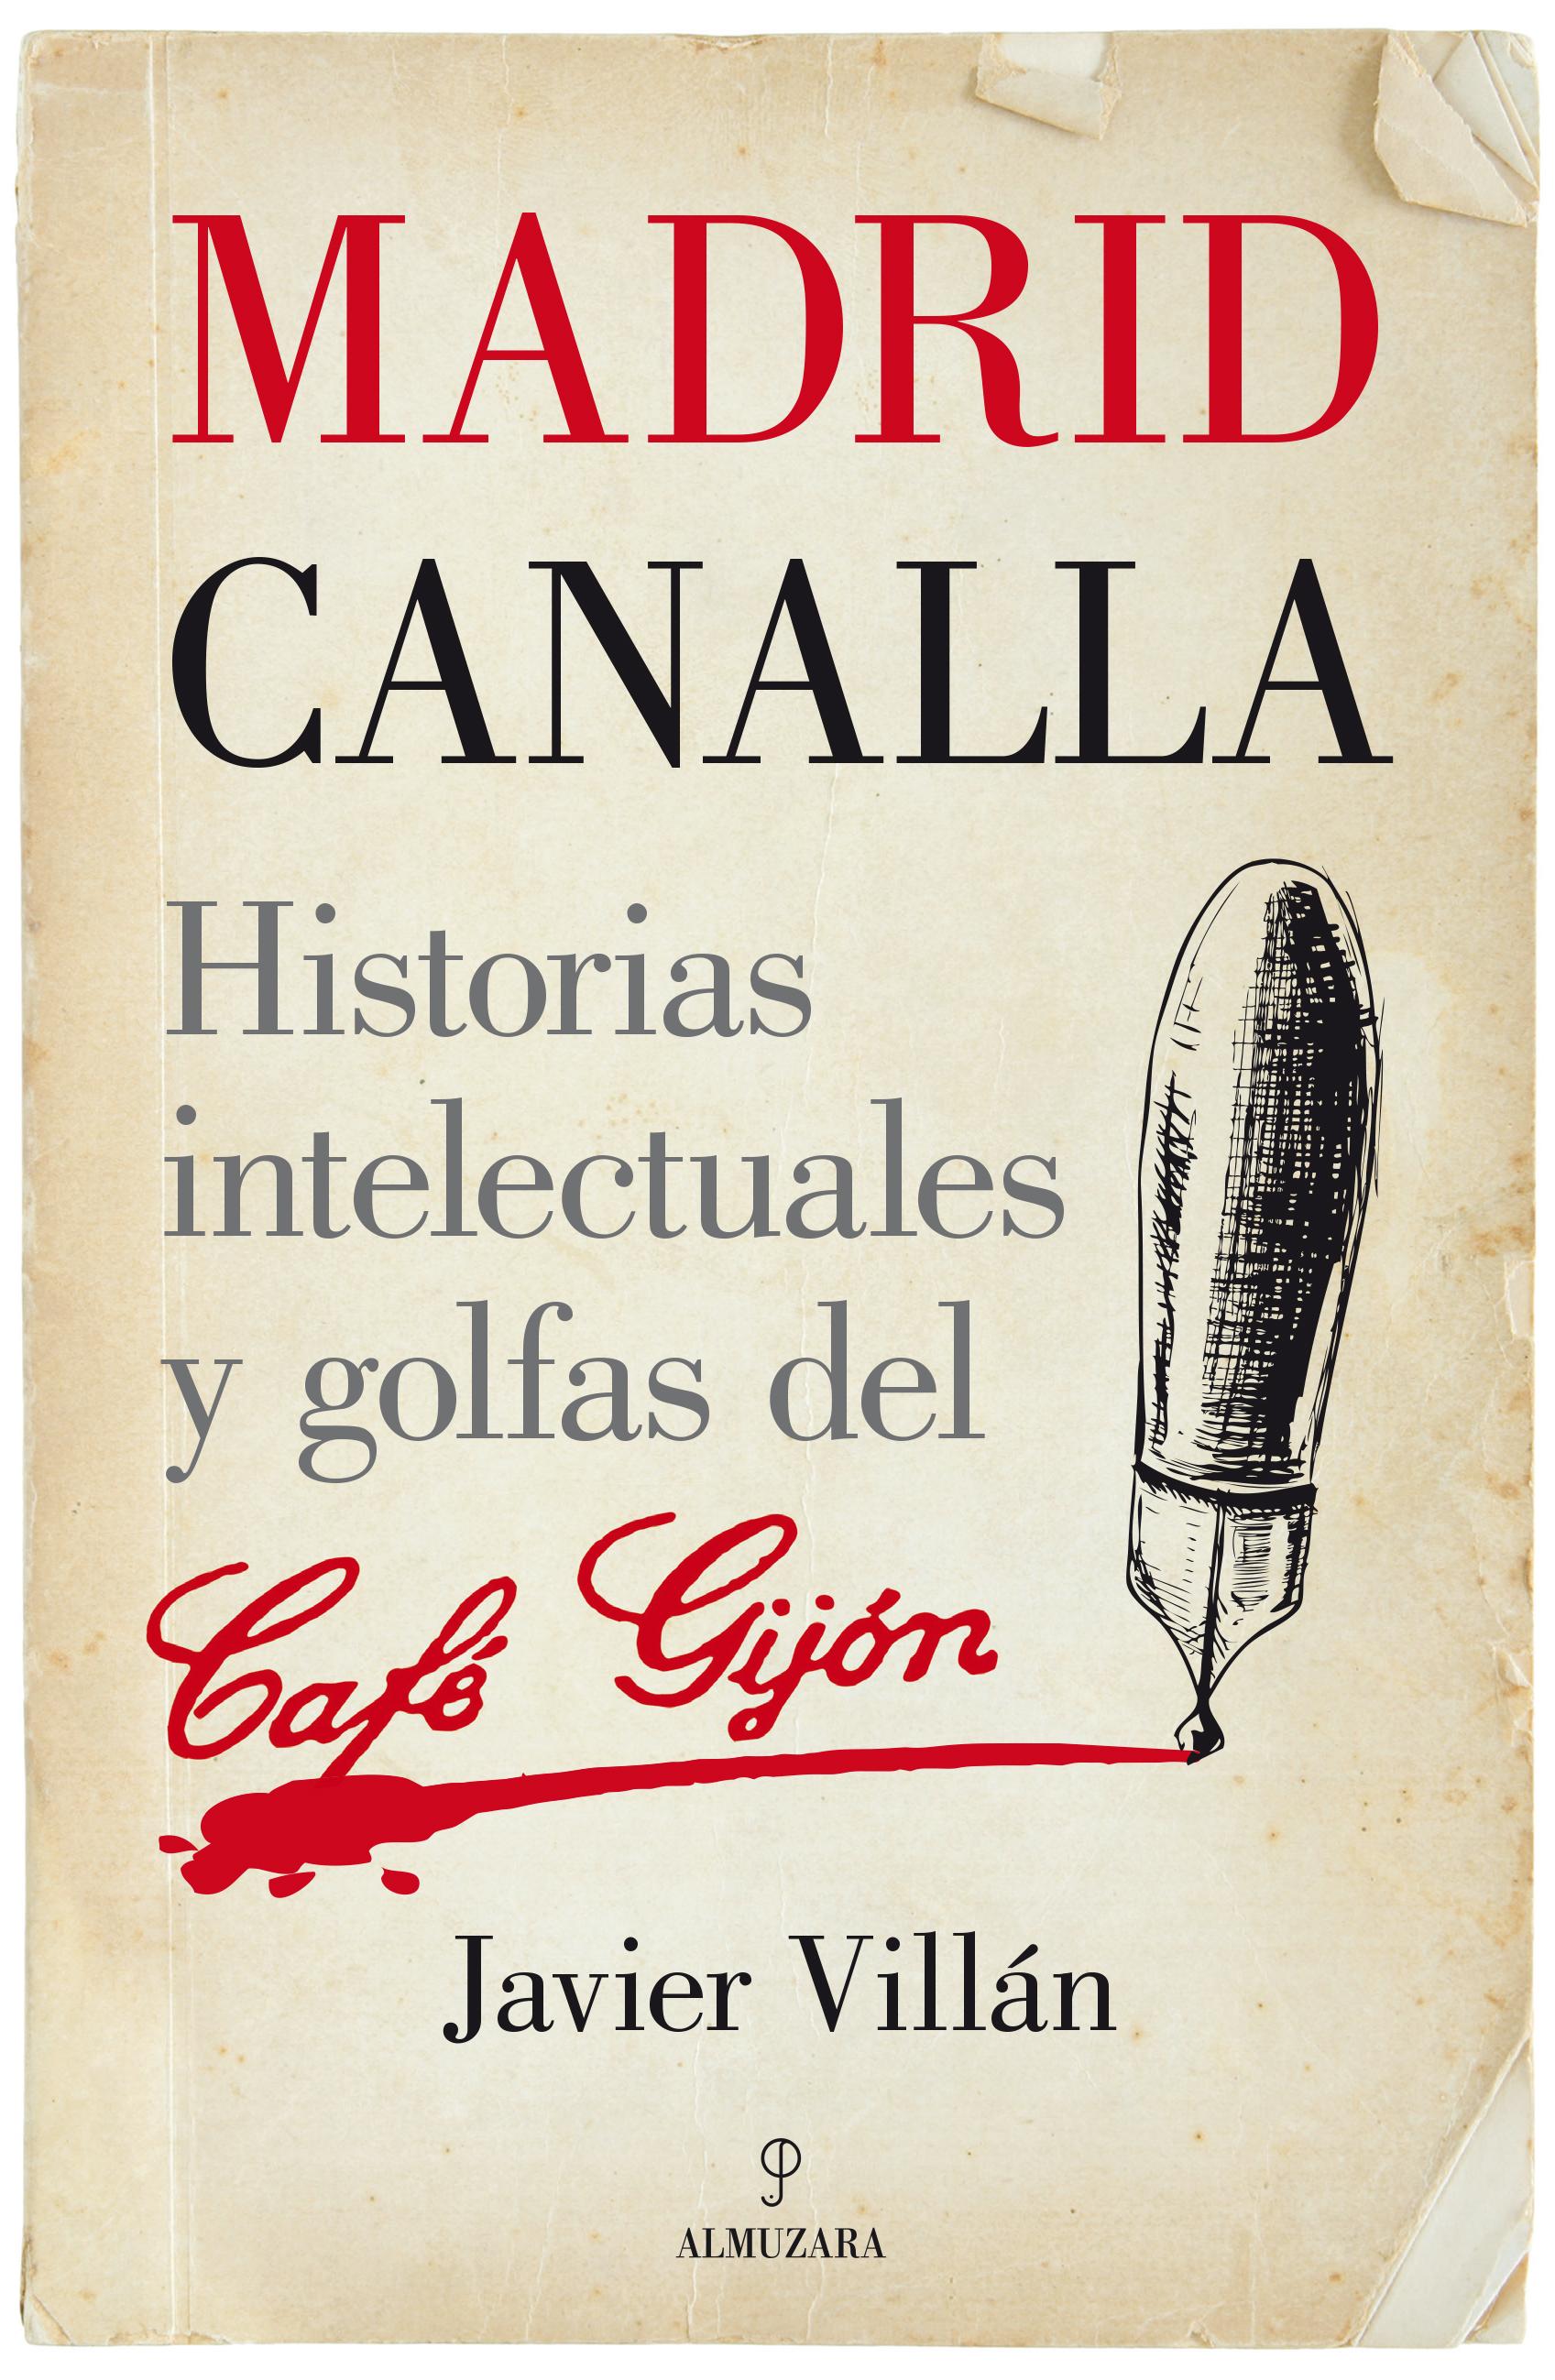 Cubierta_Madrid canalla_12mm_150414.indd